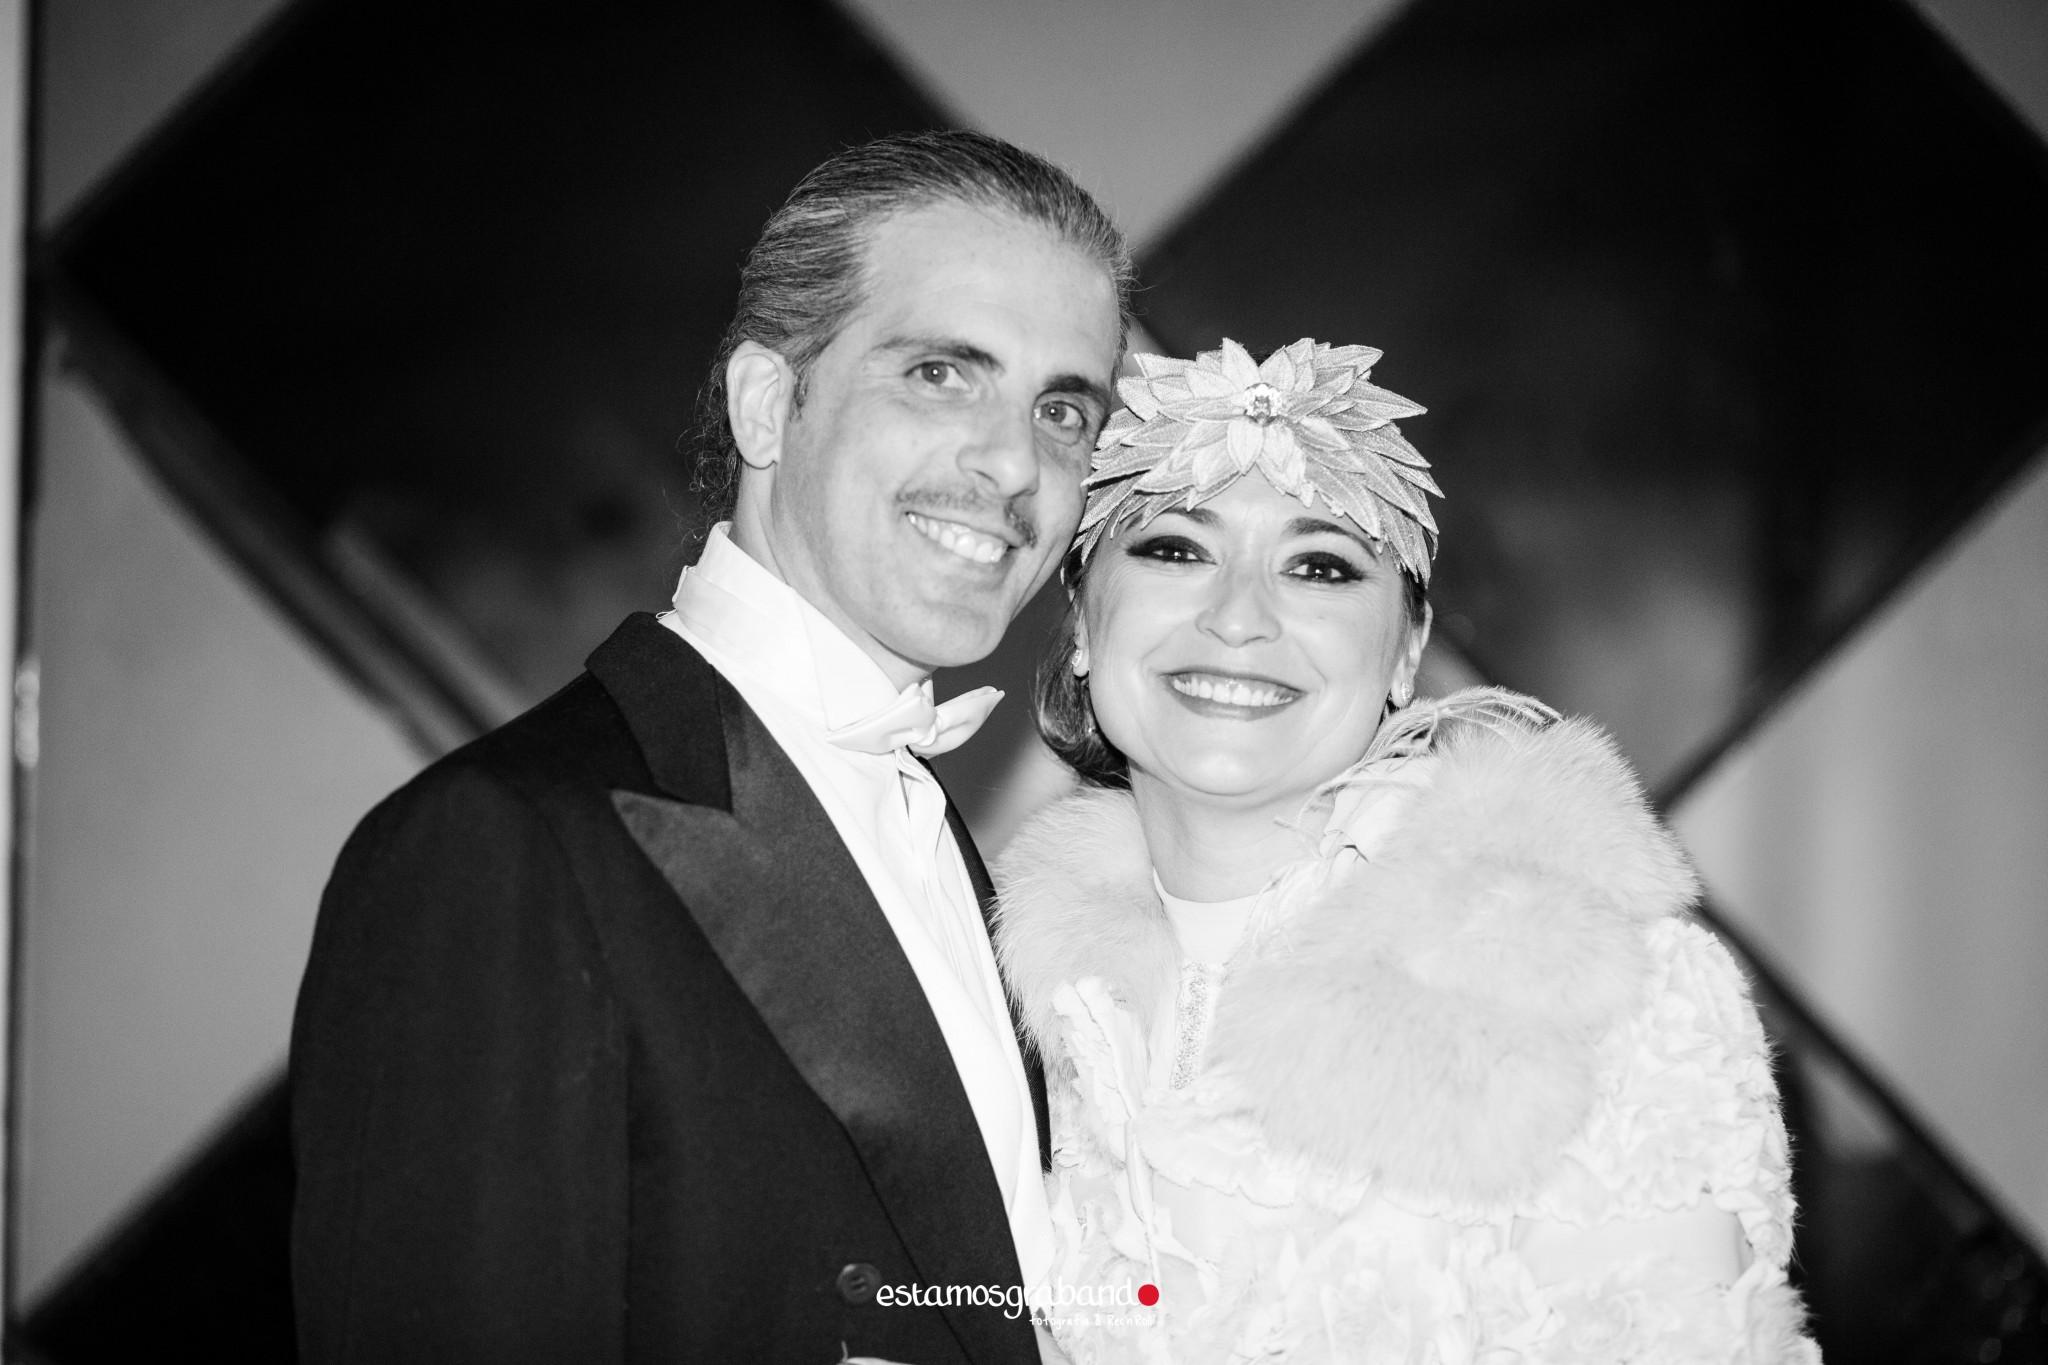 Años-20-BBTP-48-de-109 Los locos Años 20 [Fotografía en La Teta de Julieta, Cádiz] - video boda cadiz